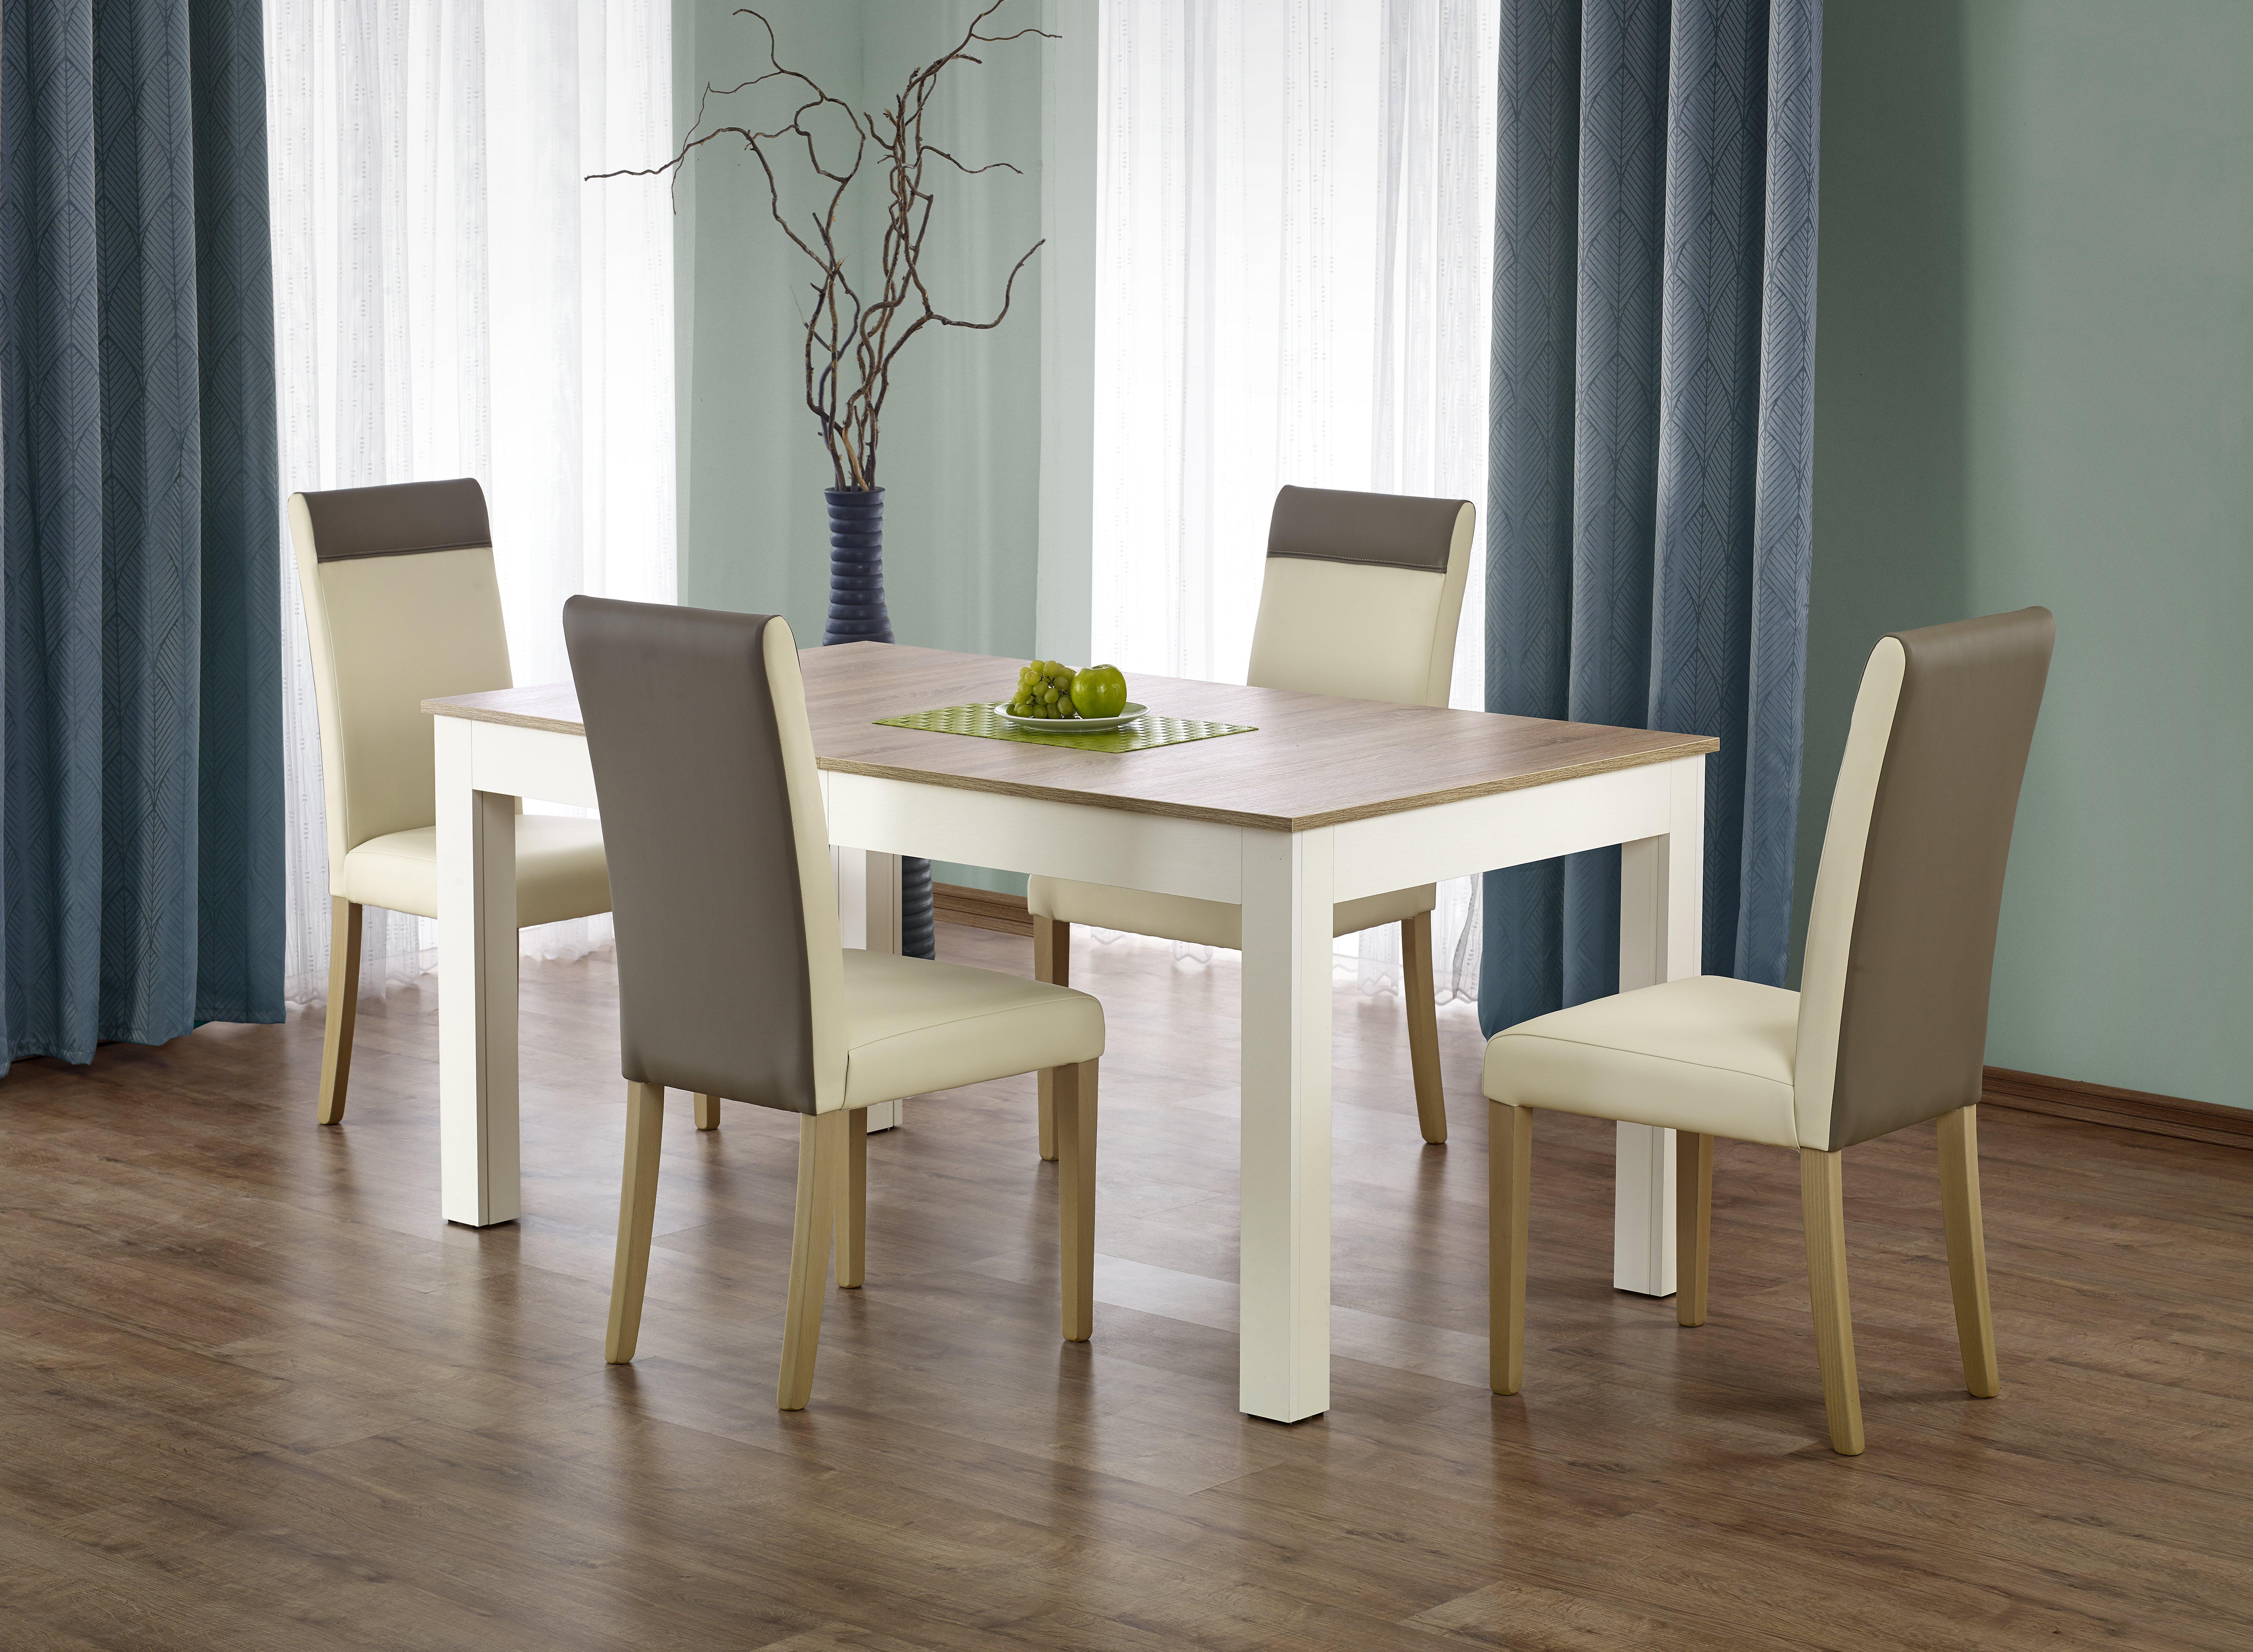 839586d356c27 Jedálenský stôl Seweryn (dub sonoma + biela) (pre 6 až 12 osôb)